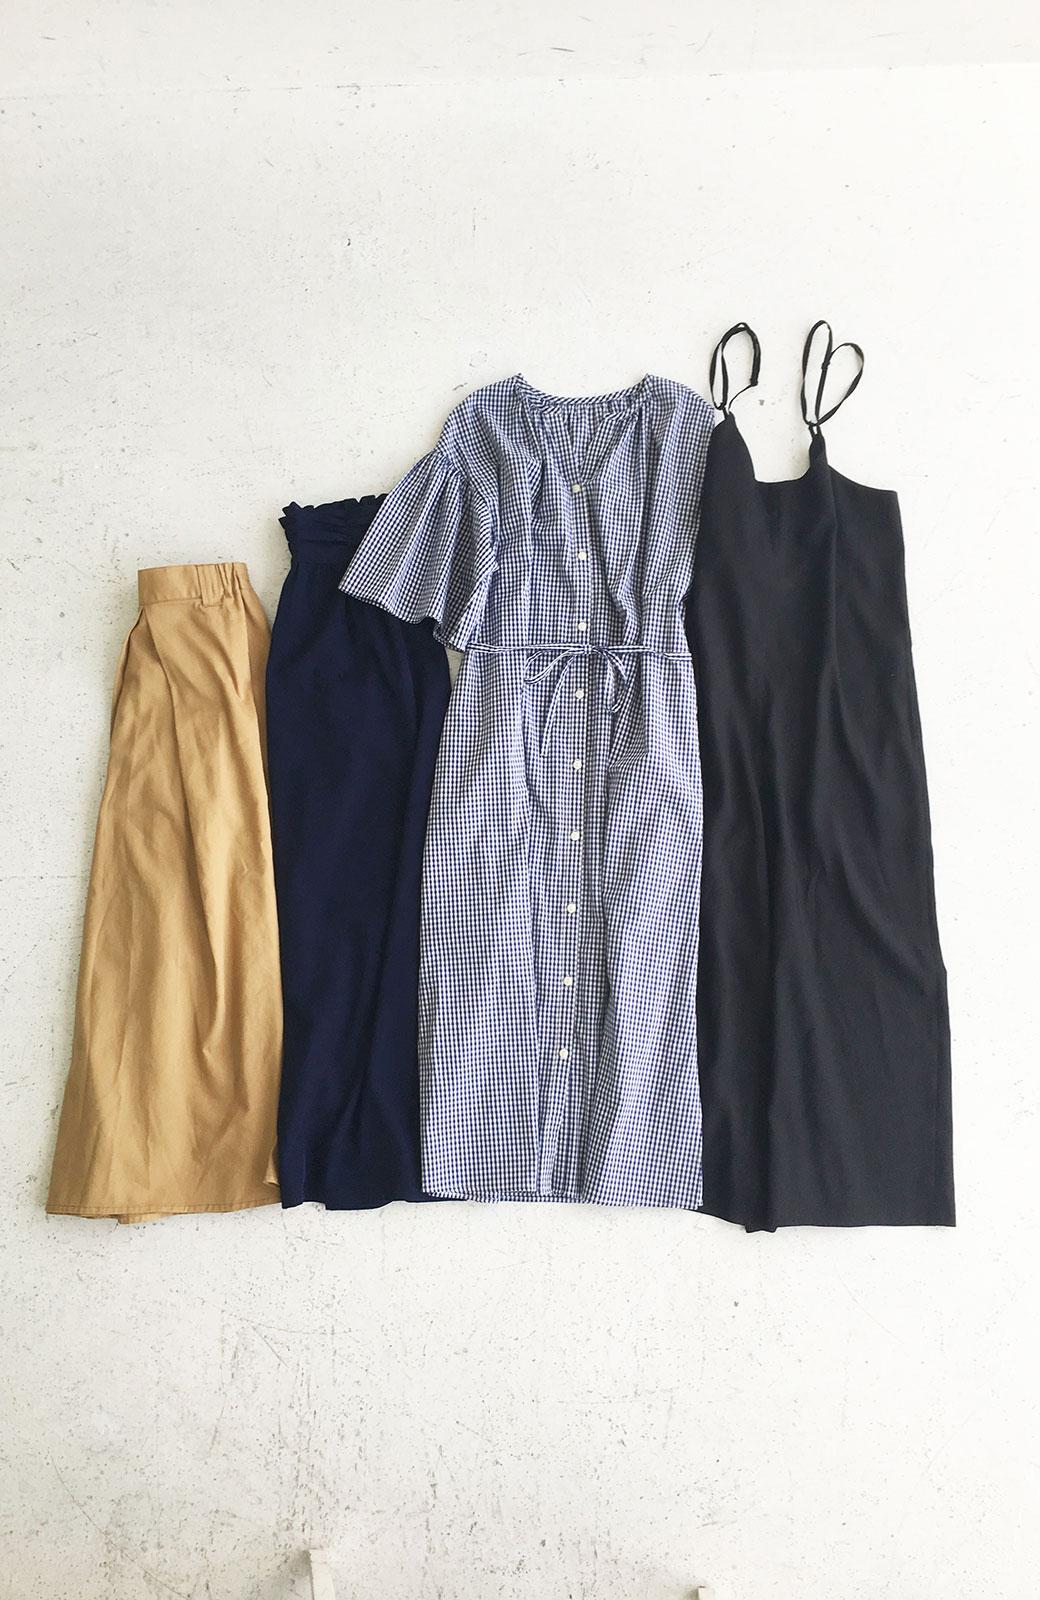 haco! 【スタッフスペシャルセット】ギリギリ女子ミオの夏のコーデに便利!手持ちのTシャツといけるんちゃうかセット  <その他>の商品写真1